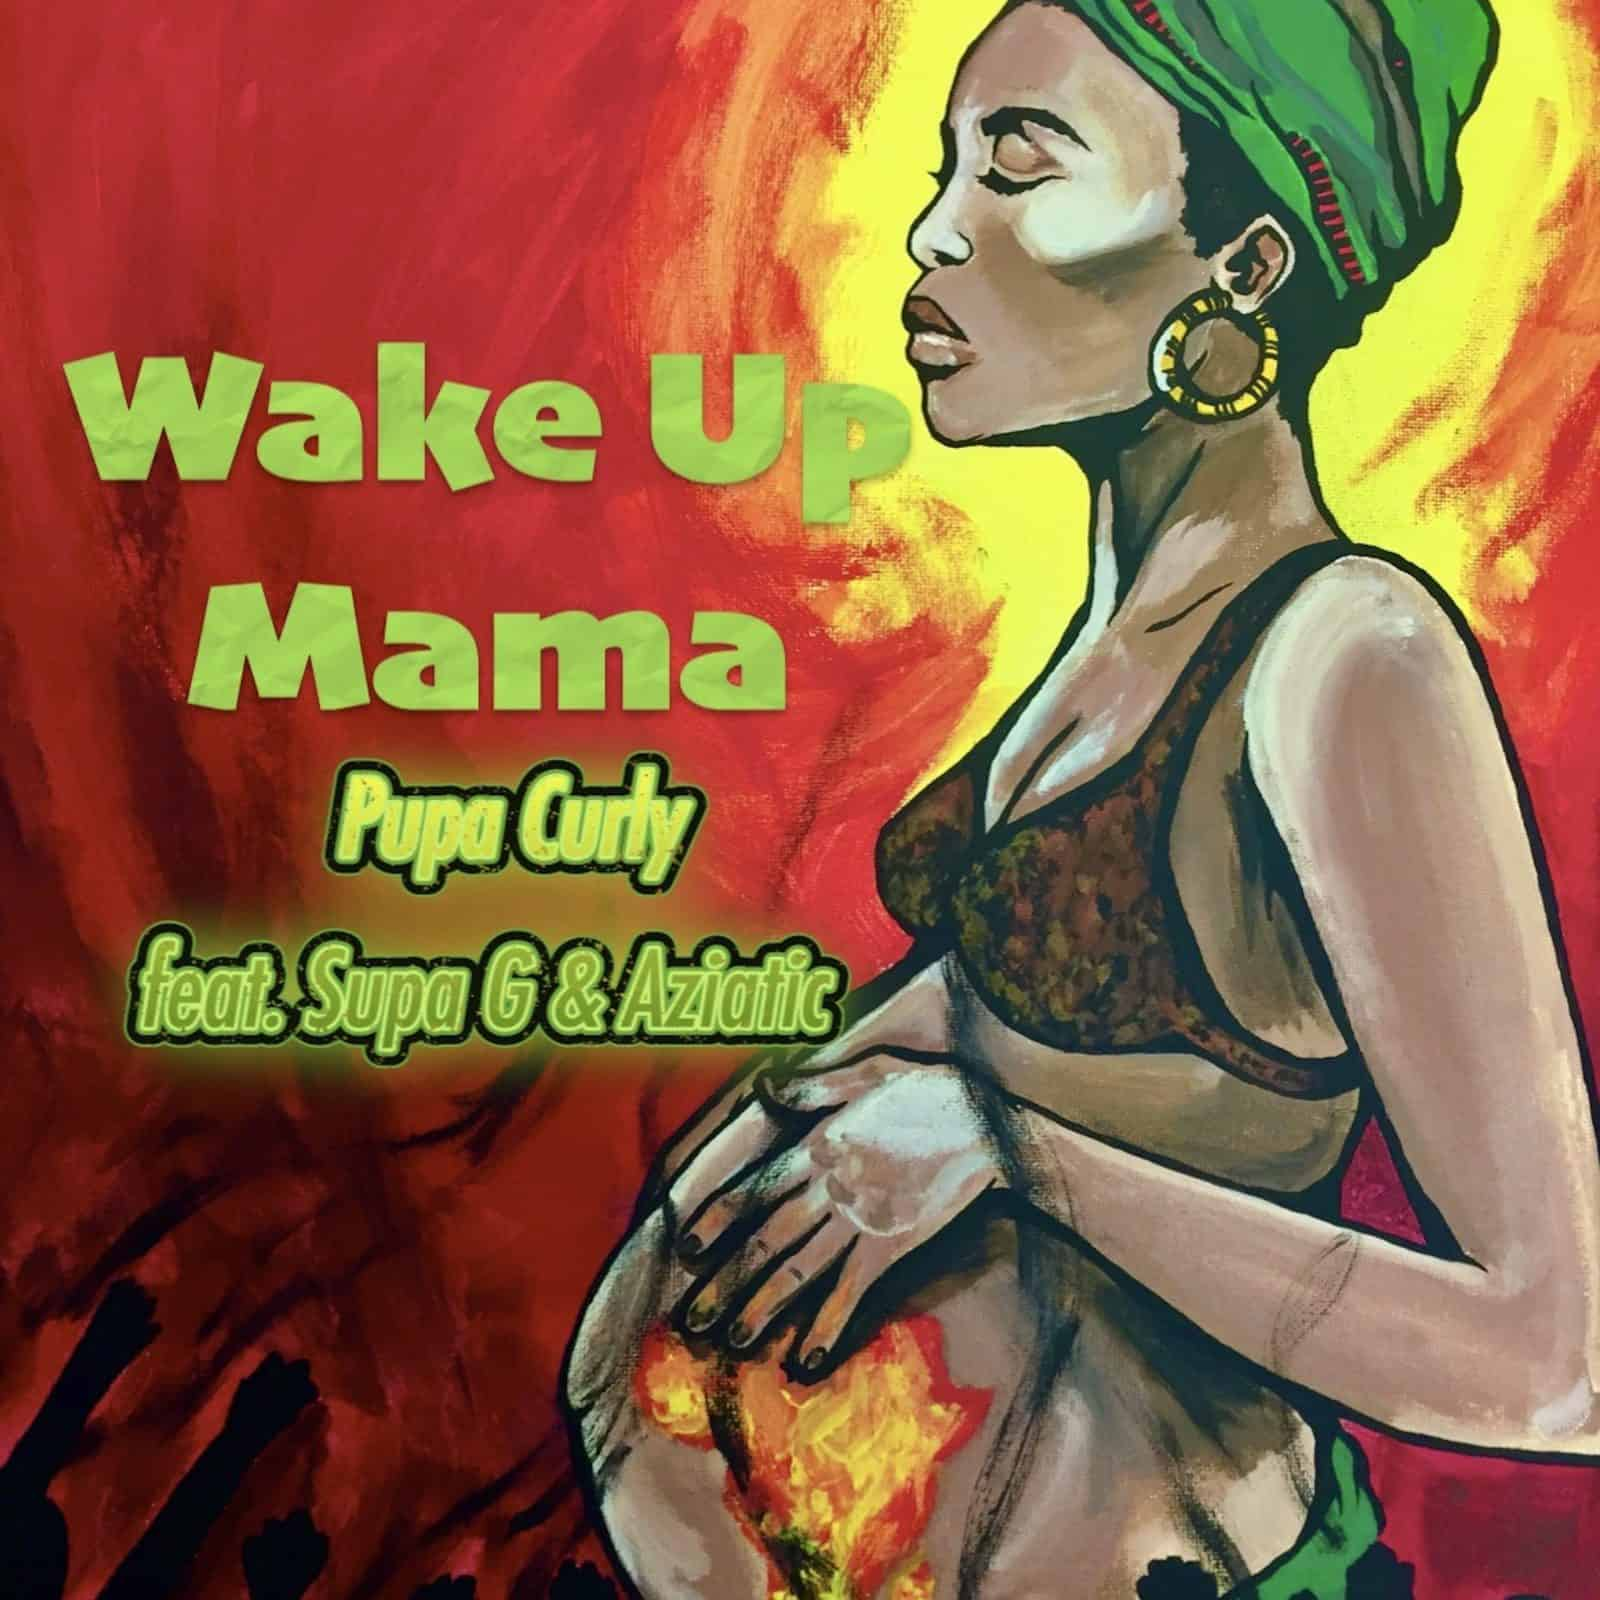 Pupa Curly - Wake Up Mama (feat.  Aziatic & Supa G)